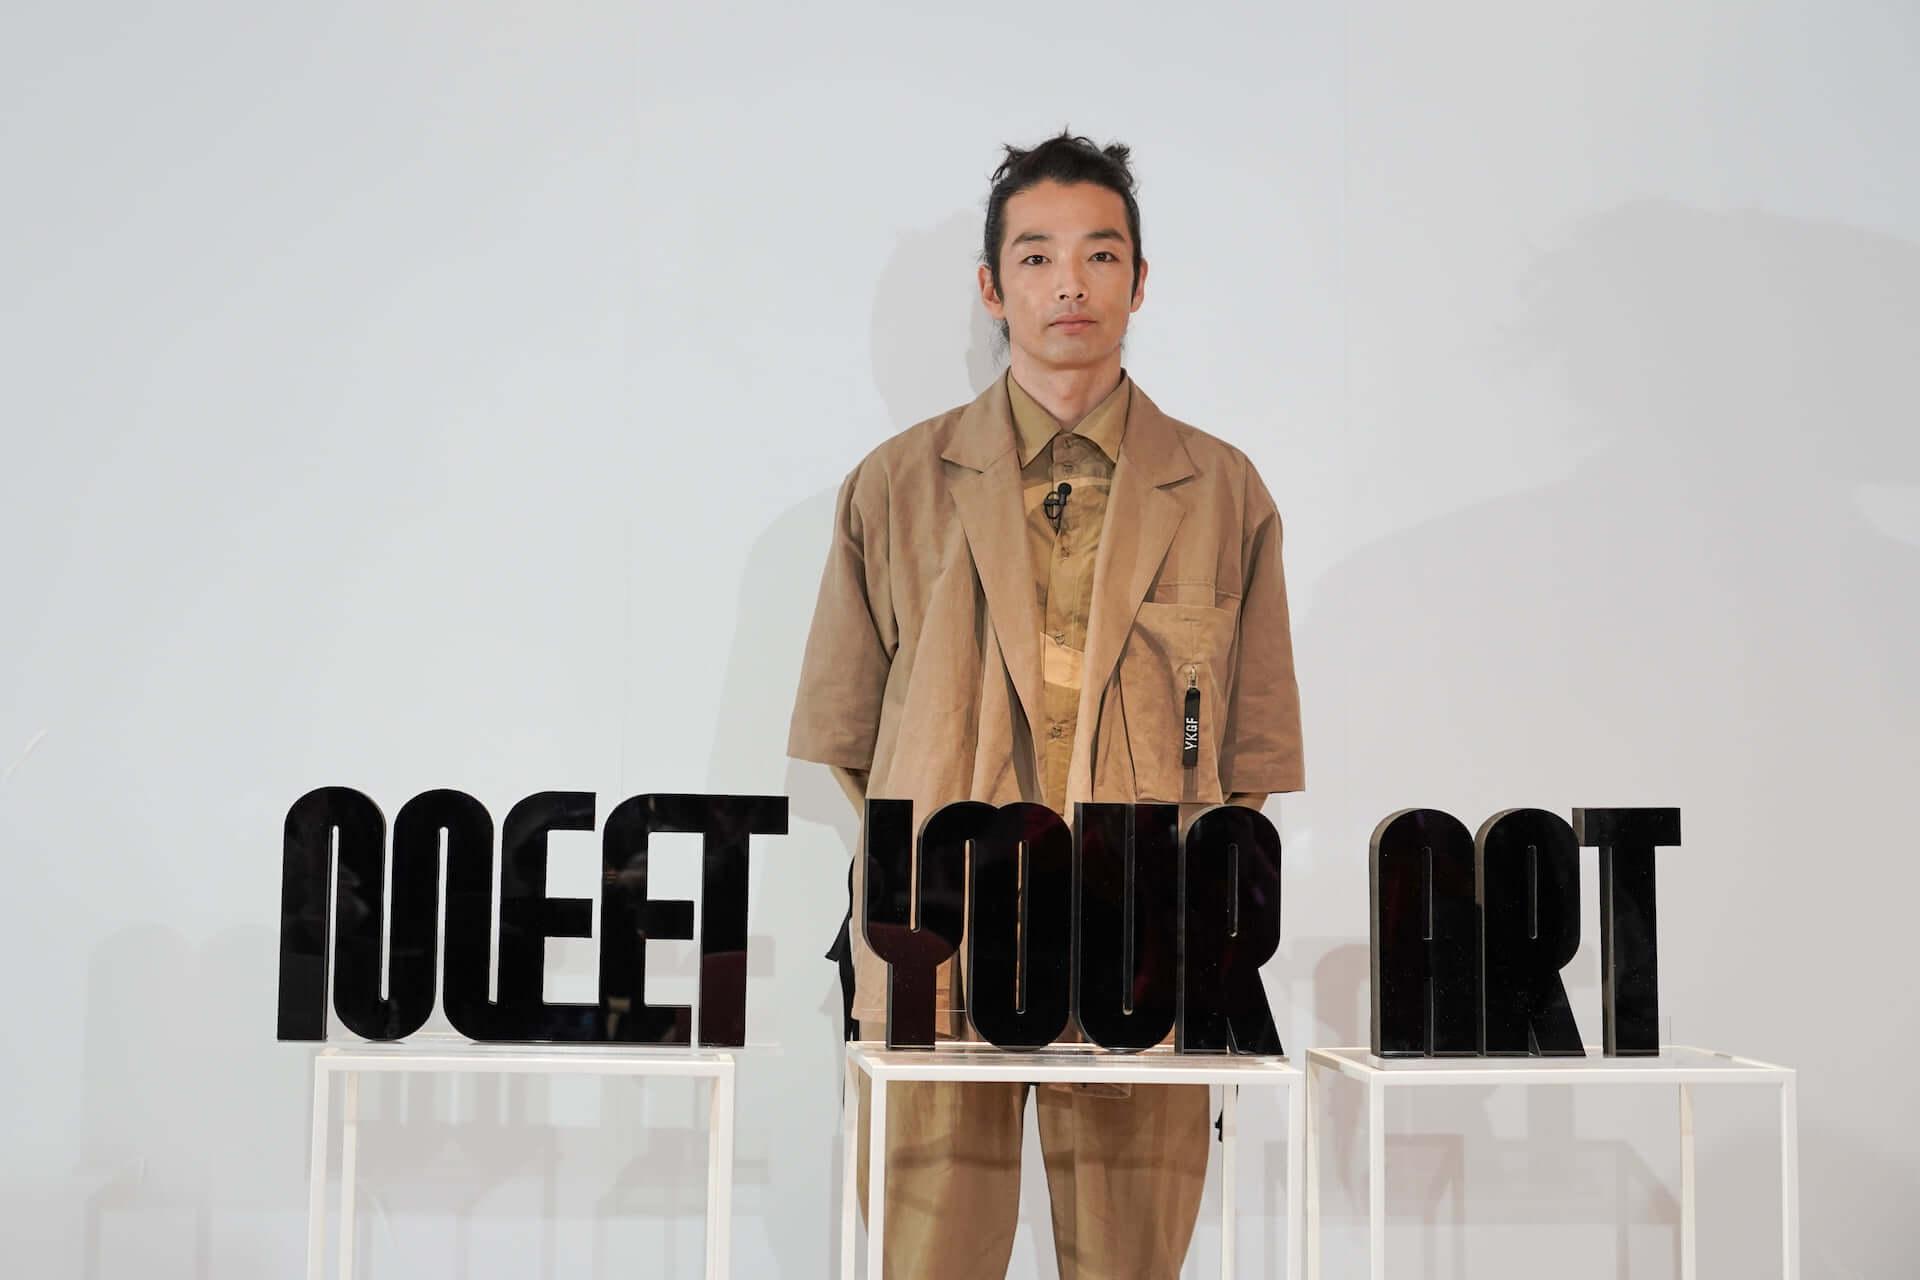 森山未來が番組MCを務めるアートメディア「MEET YOUR ART」がローンチ!名和晃平、菅原玄奨らのインタビューが公開 art201216_meetyourart_1-1920x1280